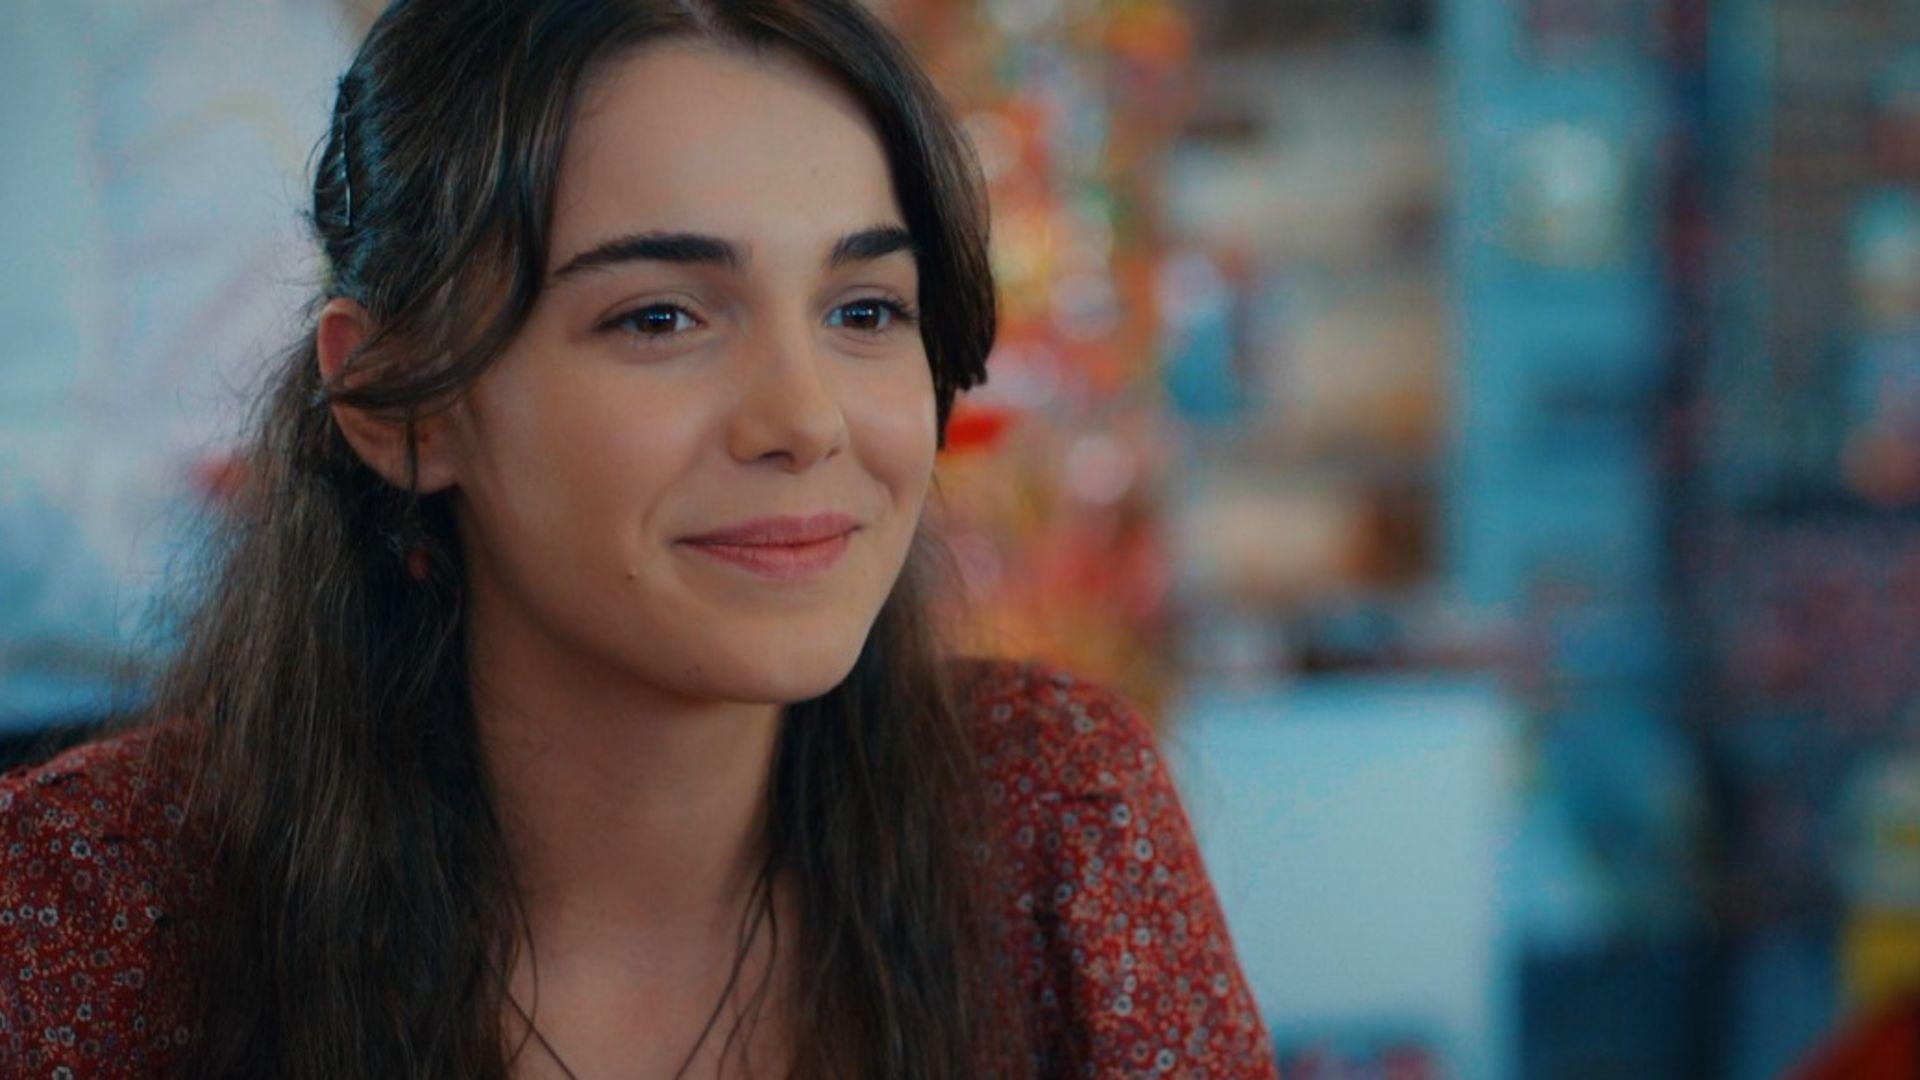 Aşk Ağlatır Pazar günü Show TV'de başlıyor!